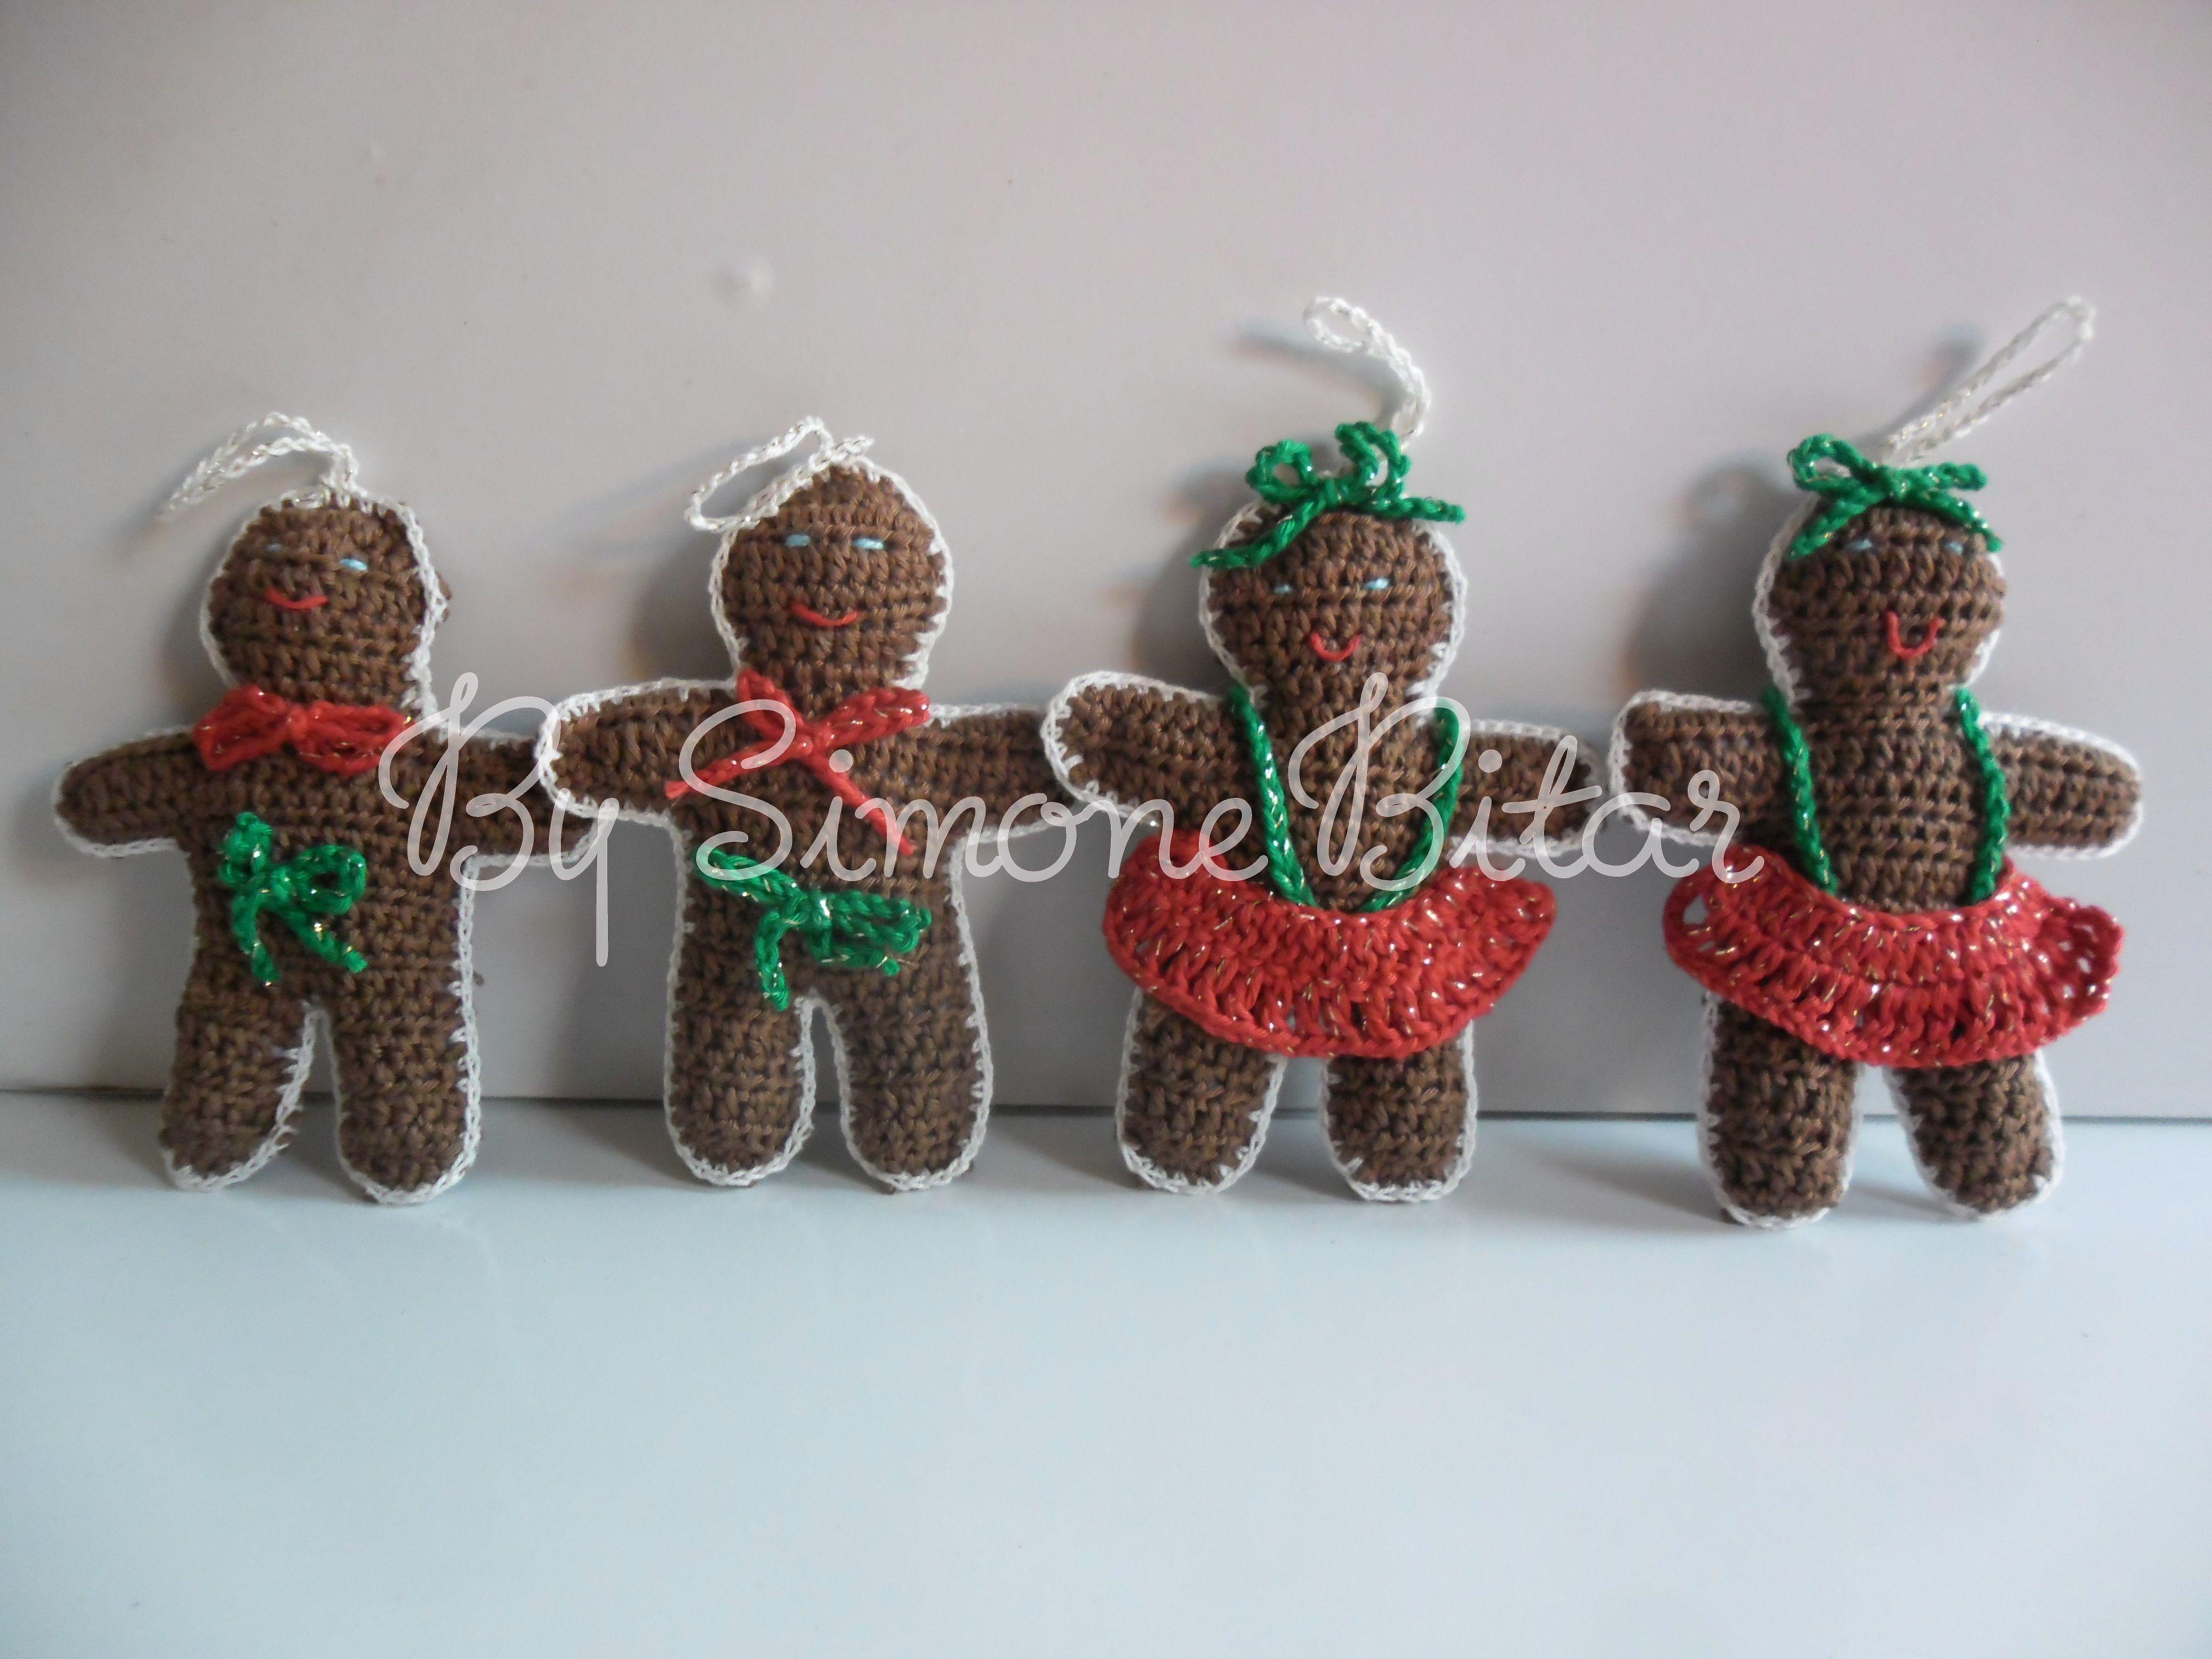 Encomendinha concluída. Essas fofurices vão morar em Campinas! São mini amigurumis enfeites de árvore. http://recantodasborboletas-simoninha.blogspot.com.br/